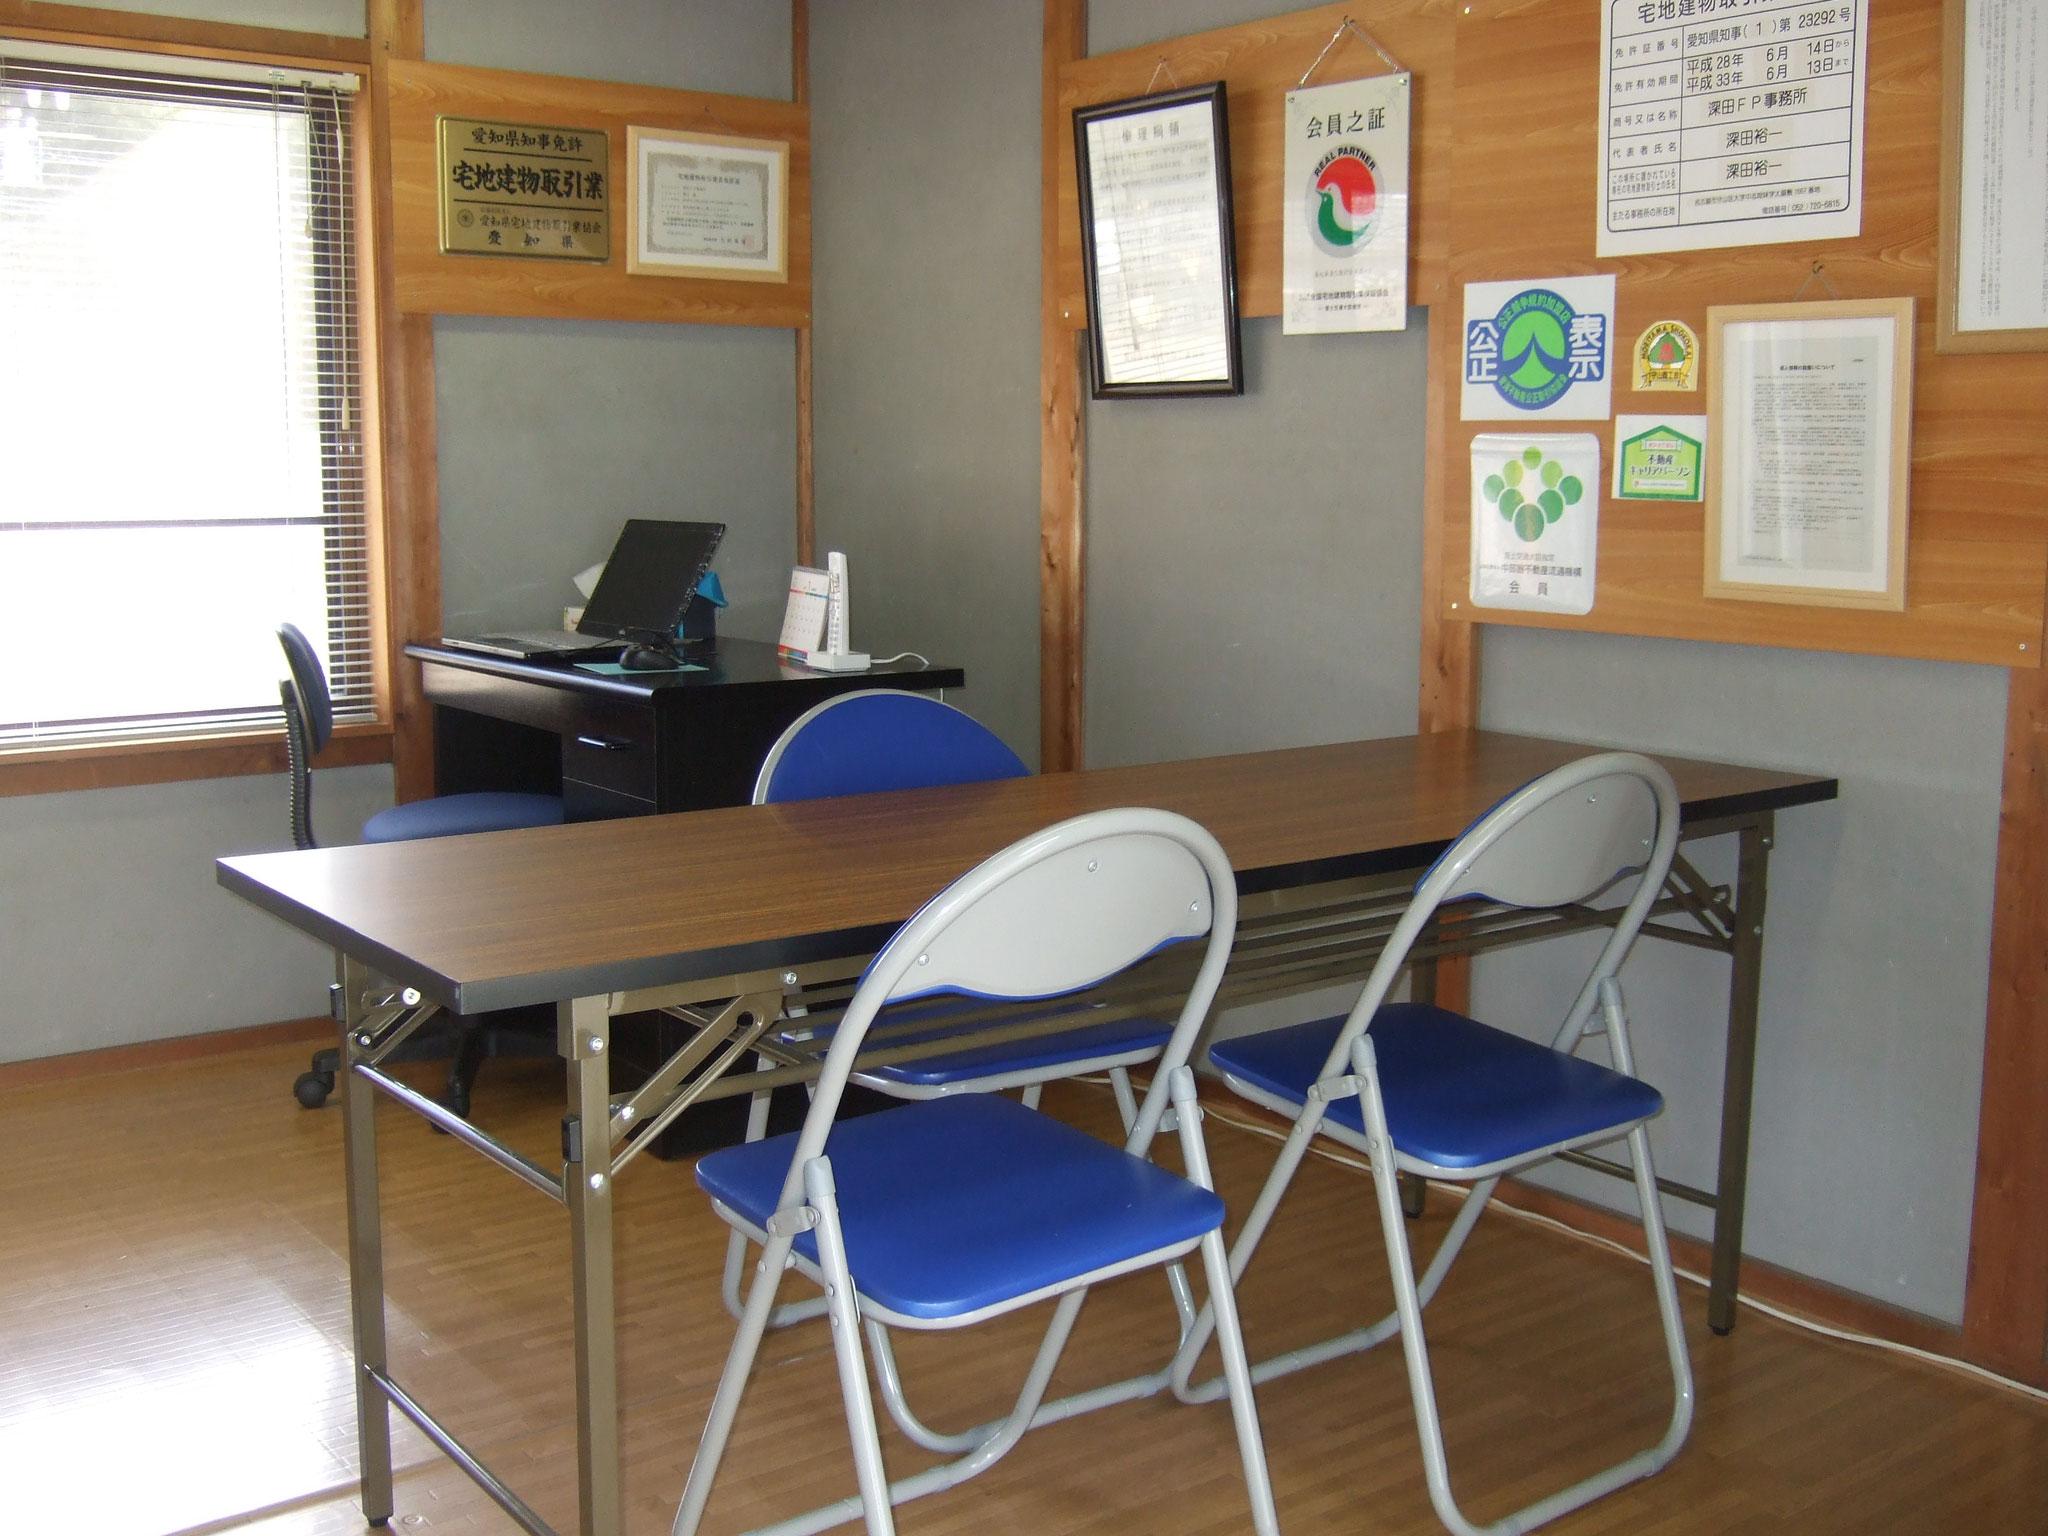 事務所内部